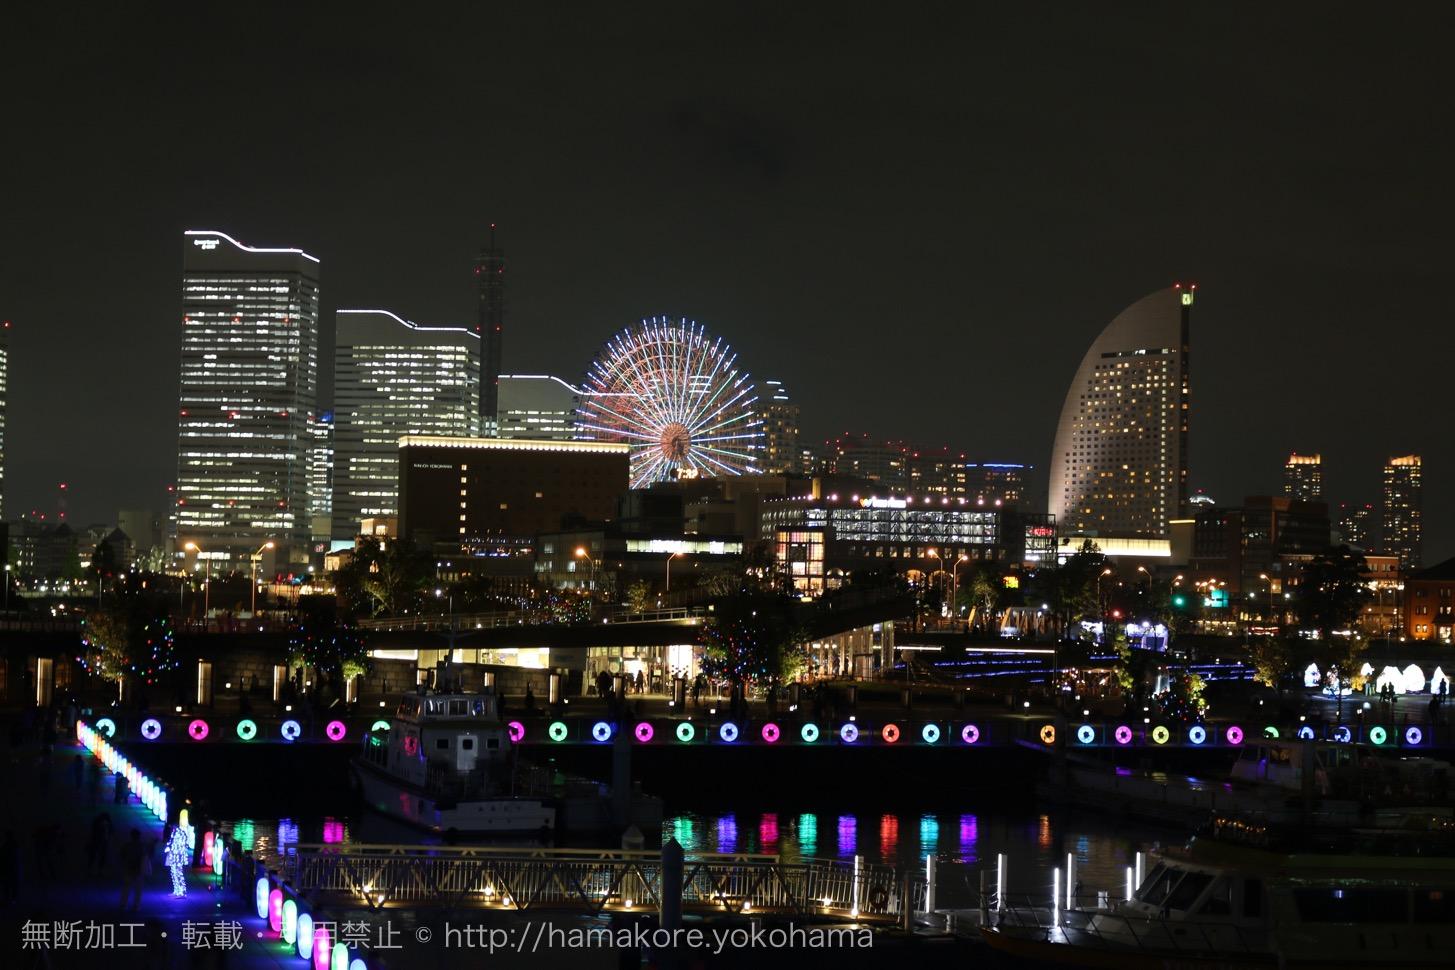 スマートイルミネーション2016が横浜みなとみらいで今年も開催!街全体の輝く光の祭典